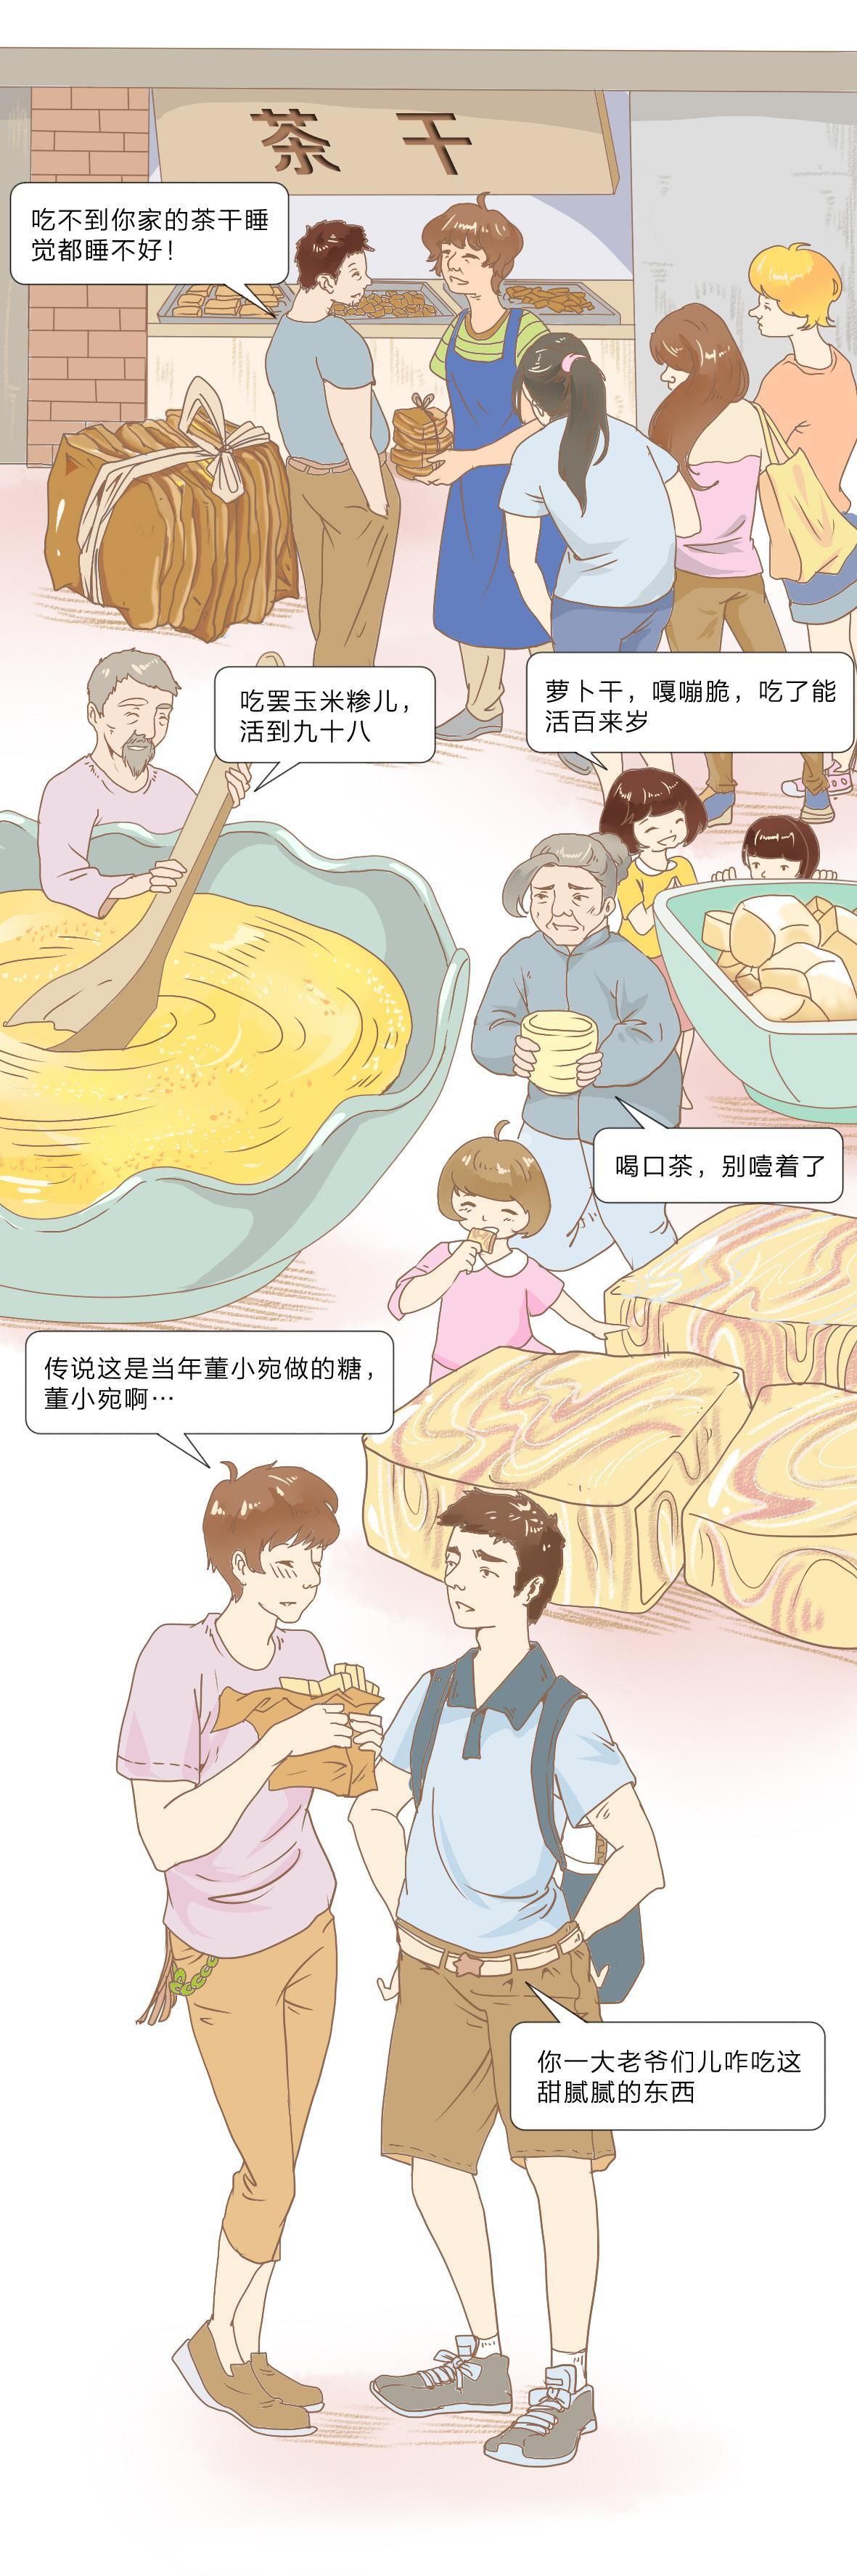 江苏哪个市的美食最好吃